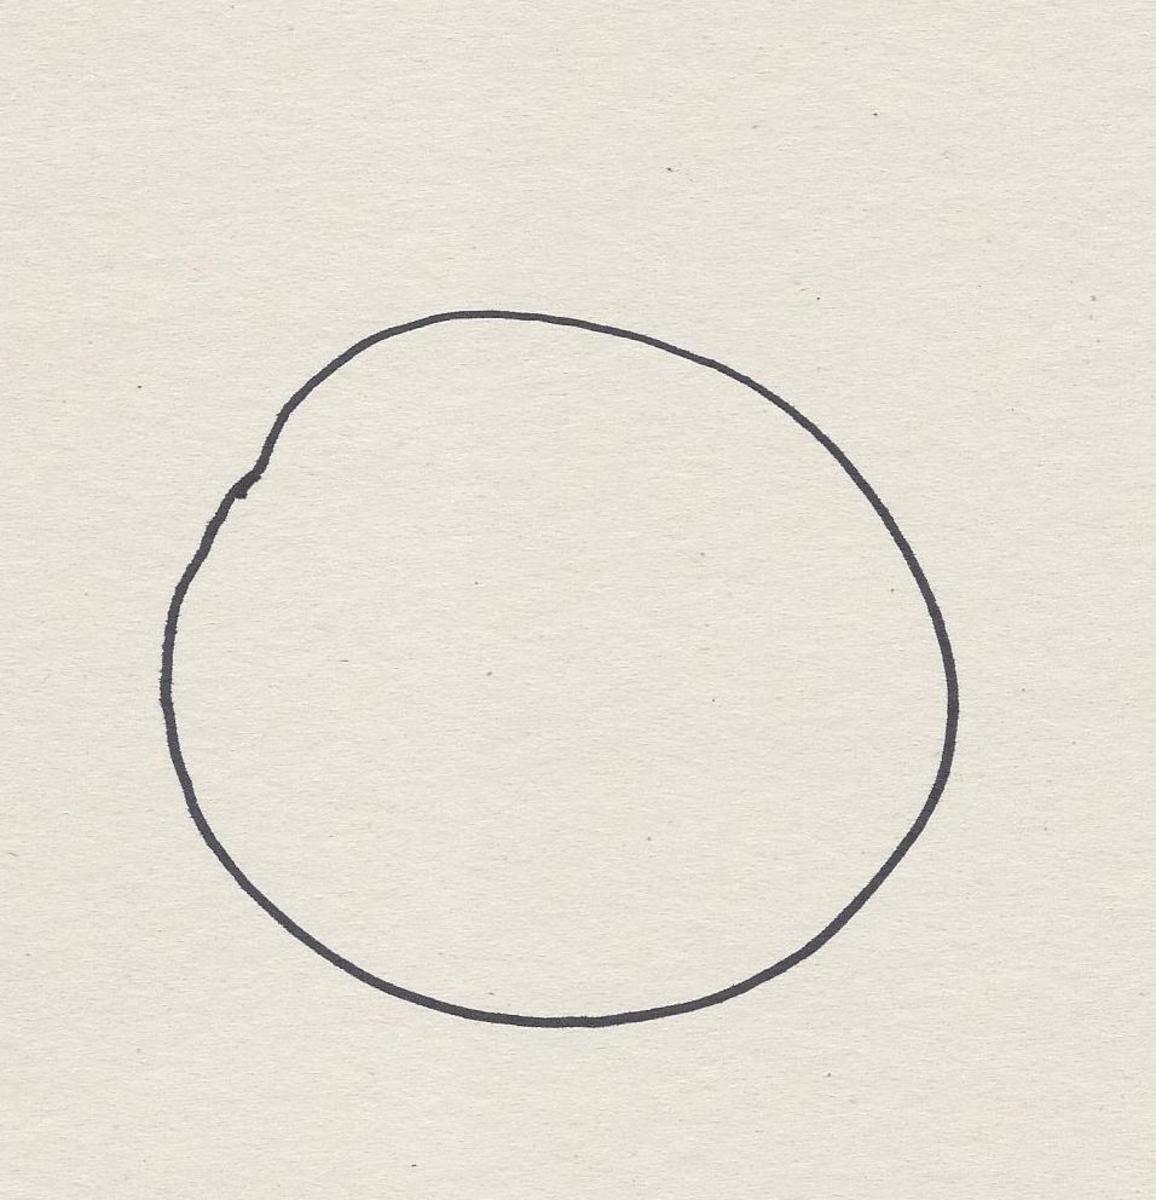 Draw a circle.